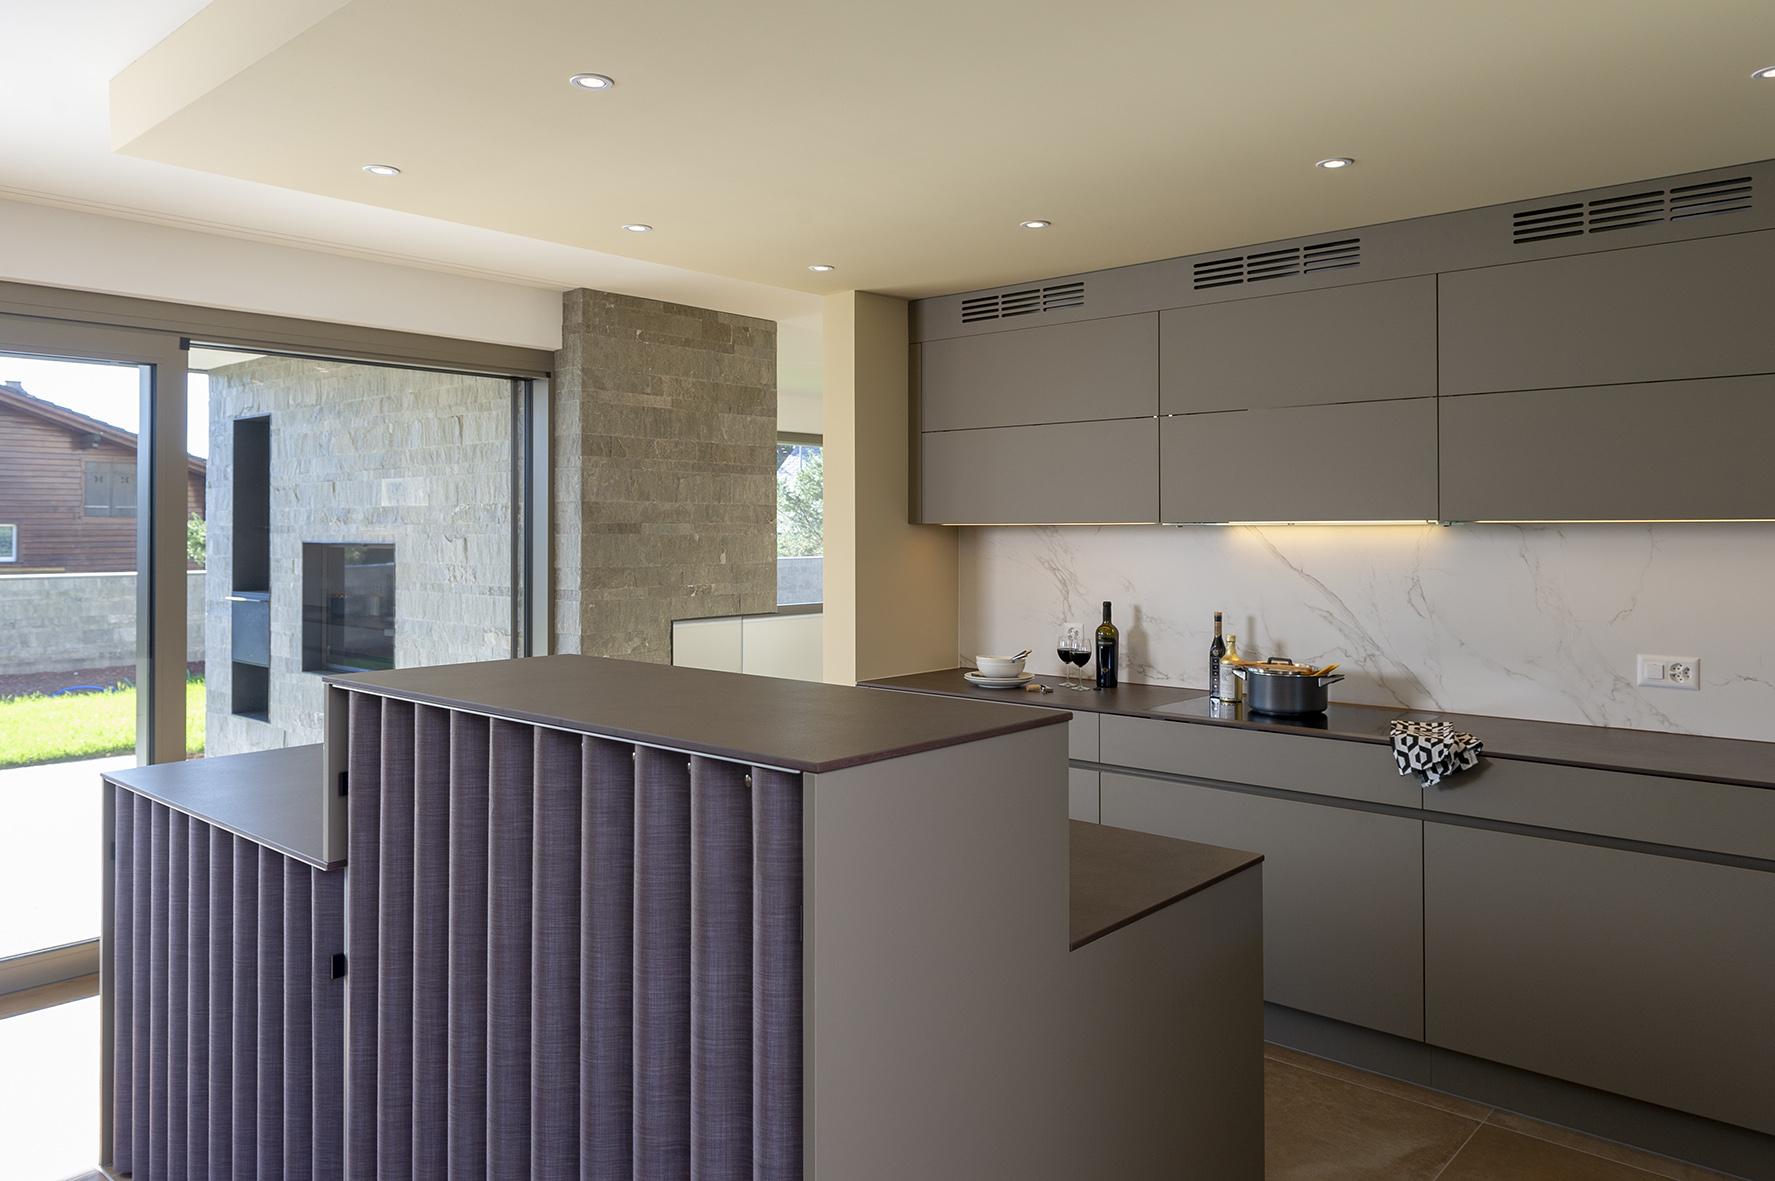 Küche mit Thut-Vorhang